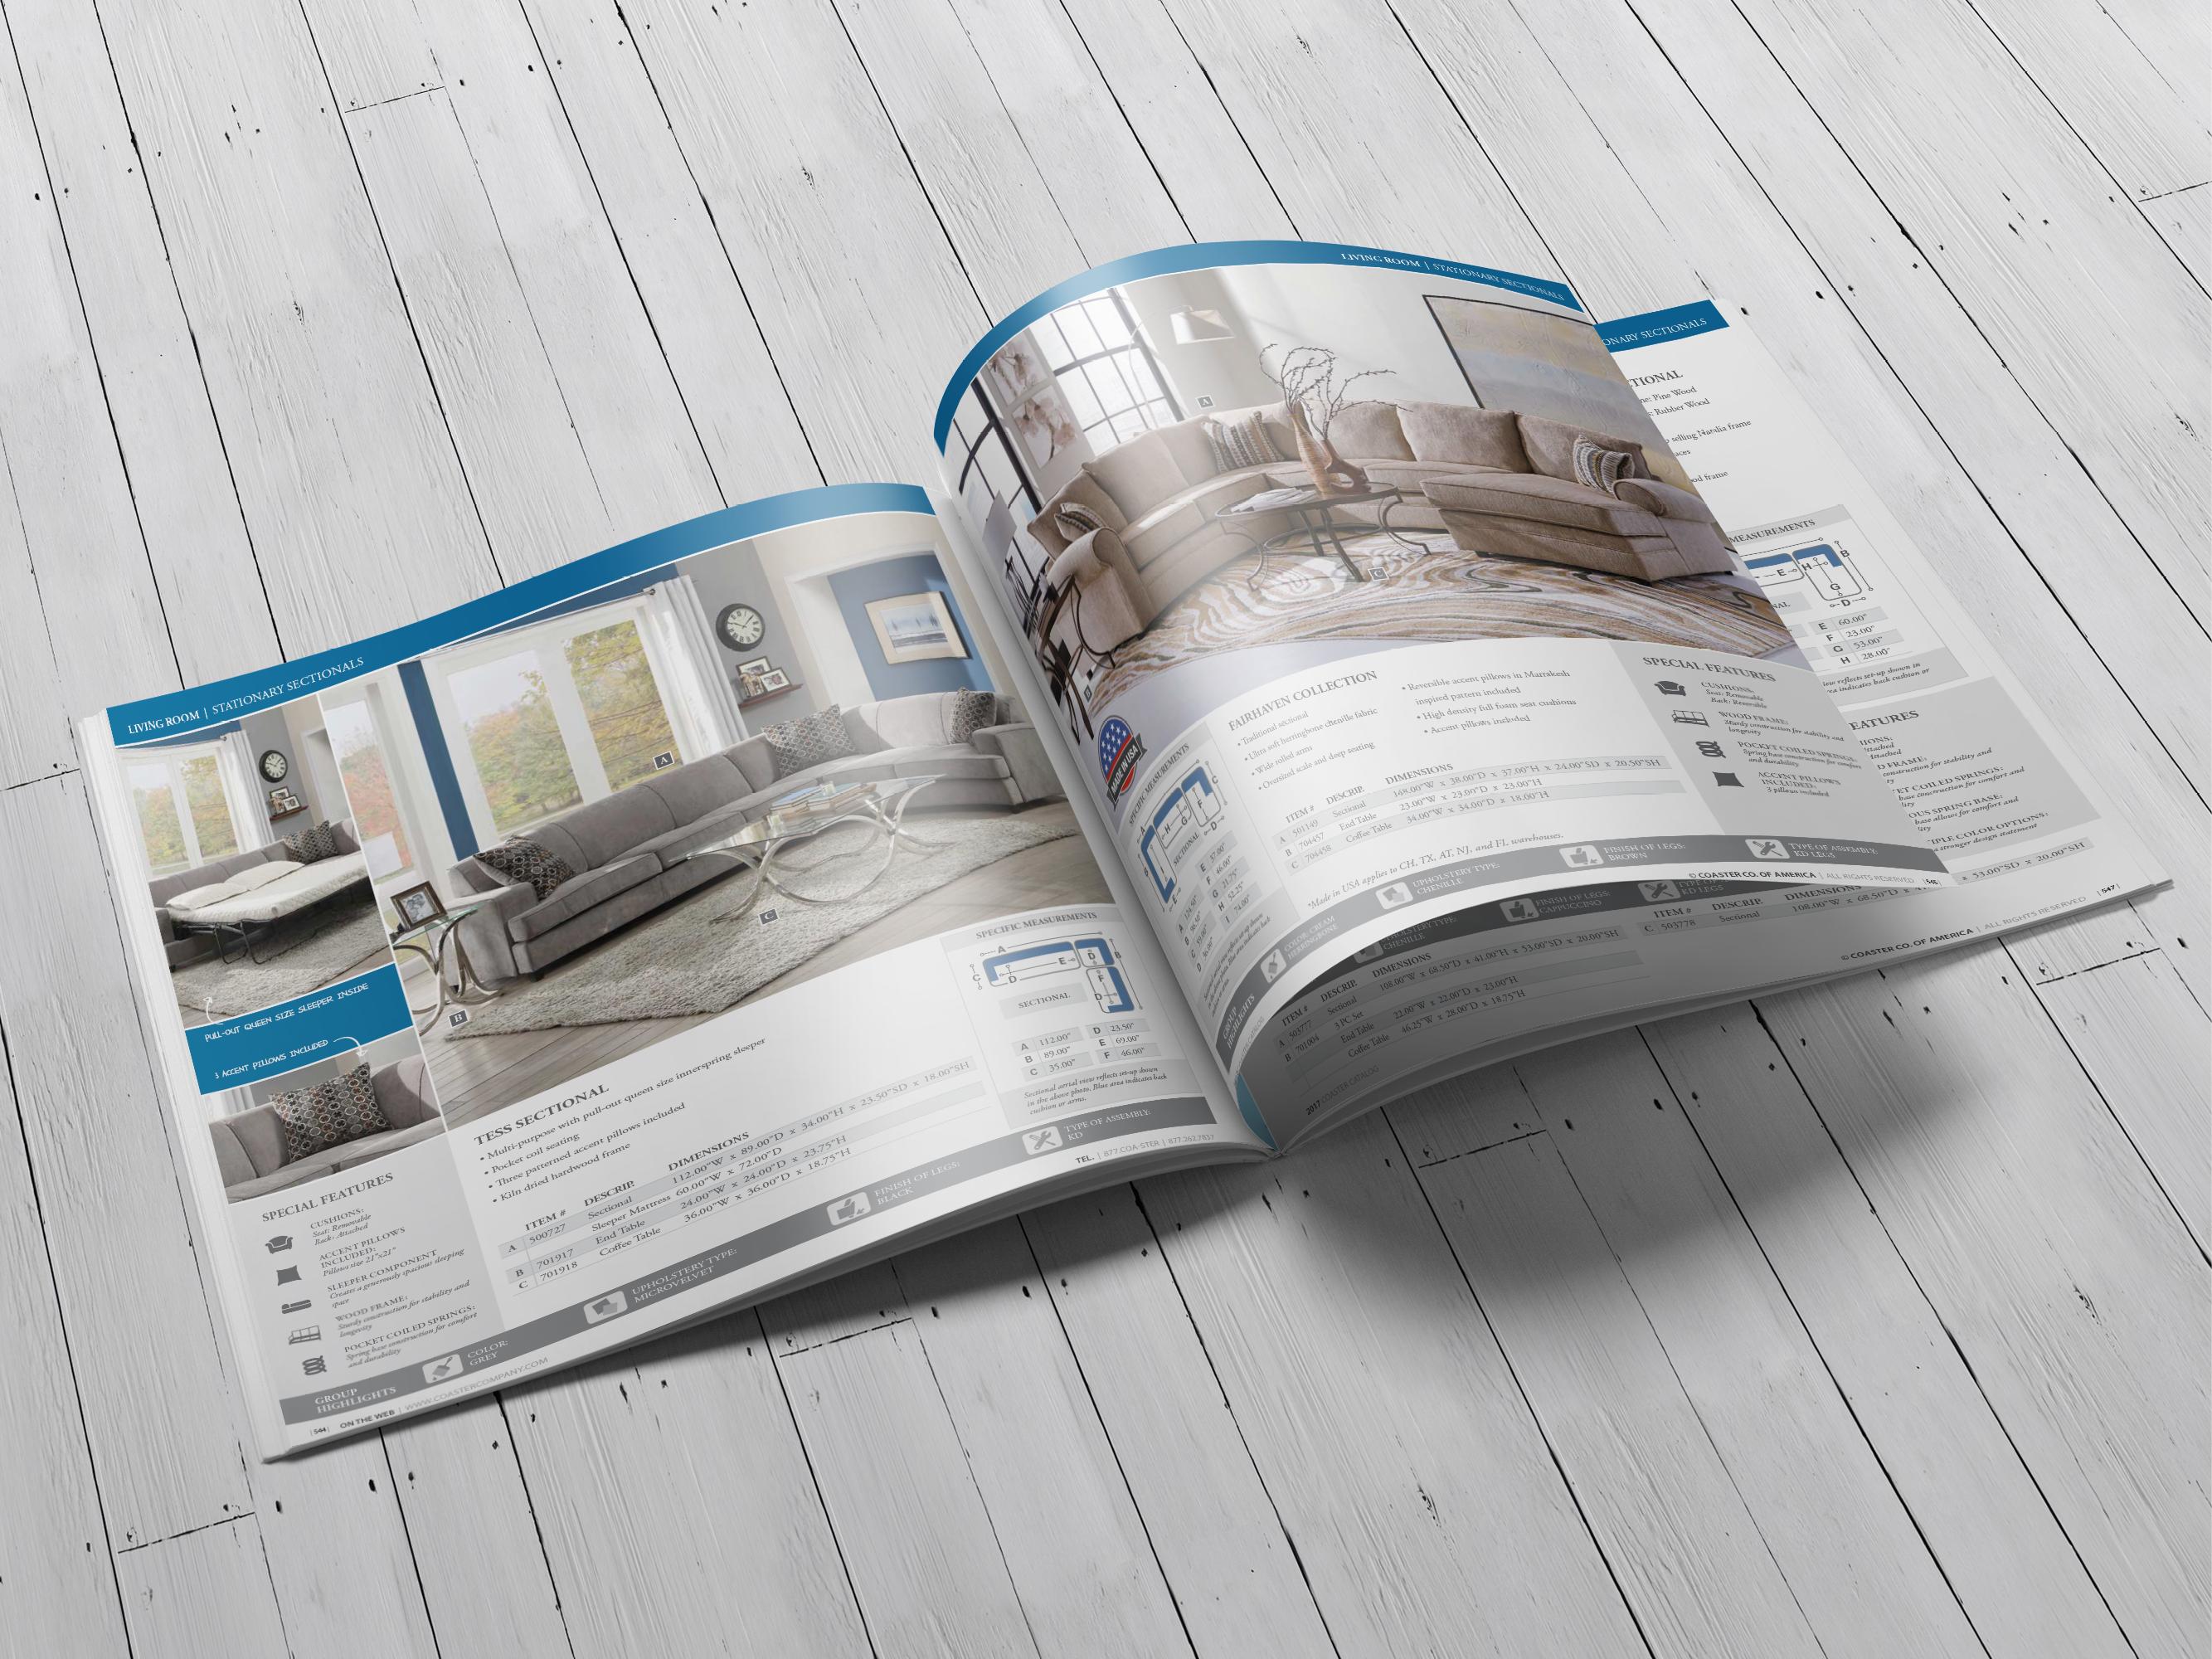 Furniture Catalogs – Jen Tsai | Graphic Design Portfolio